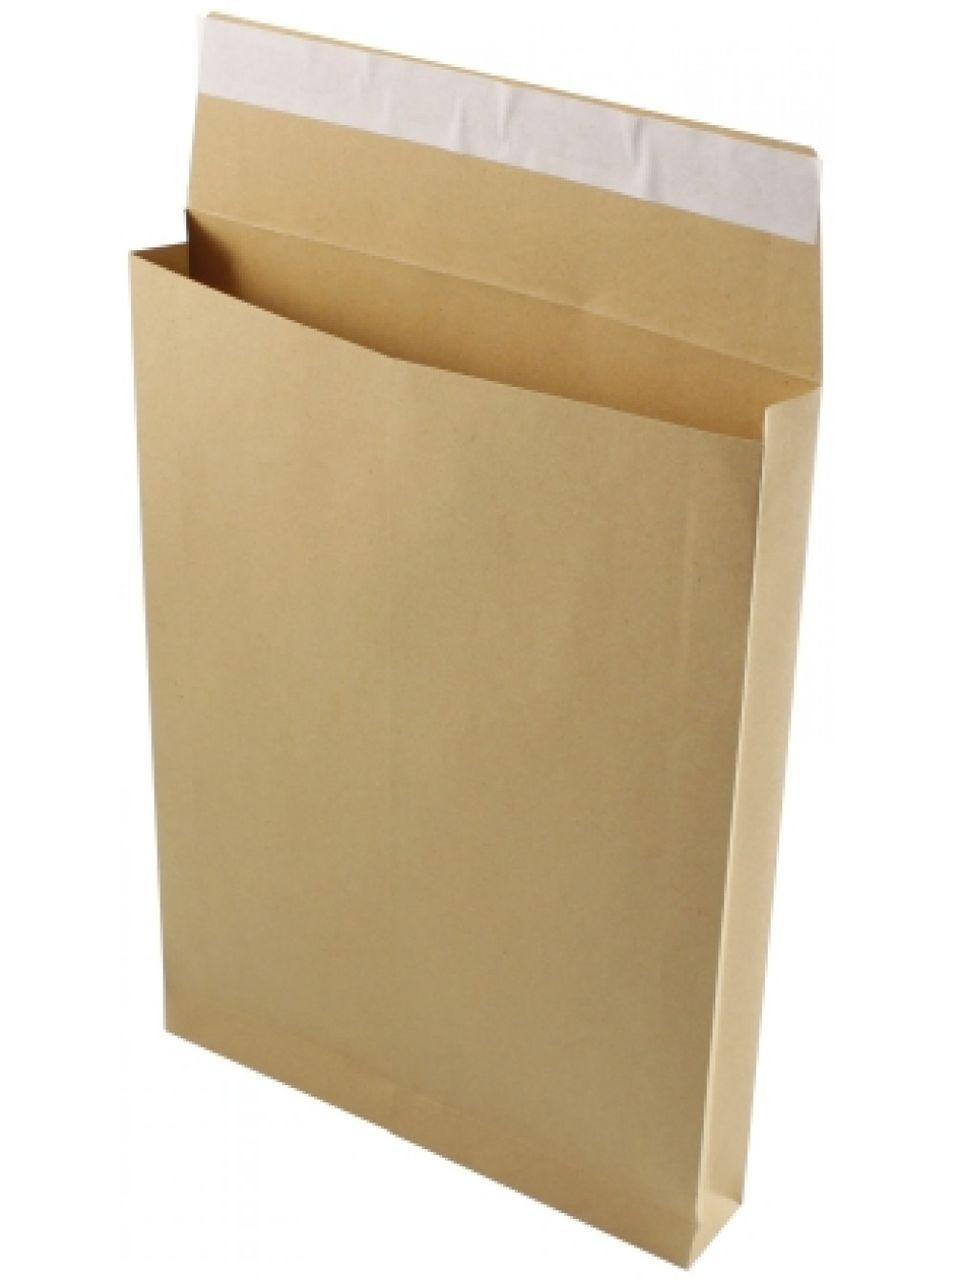 Почтовый конверт с расширением E4, 280x400x40 мм, 143 гр/кв.м, Польша